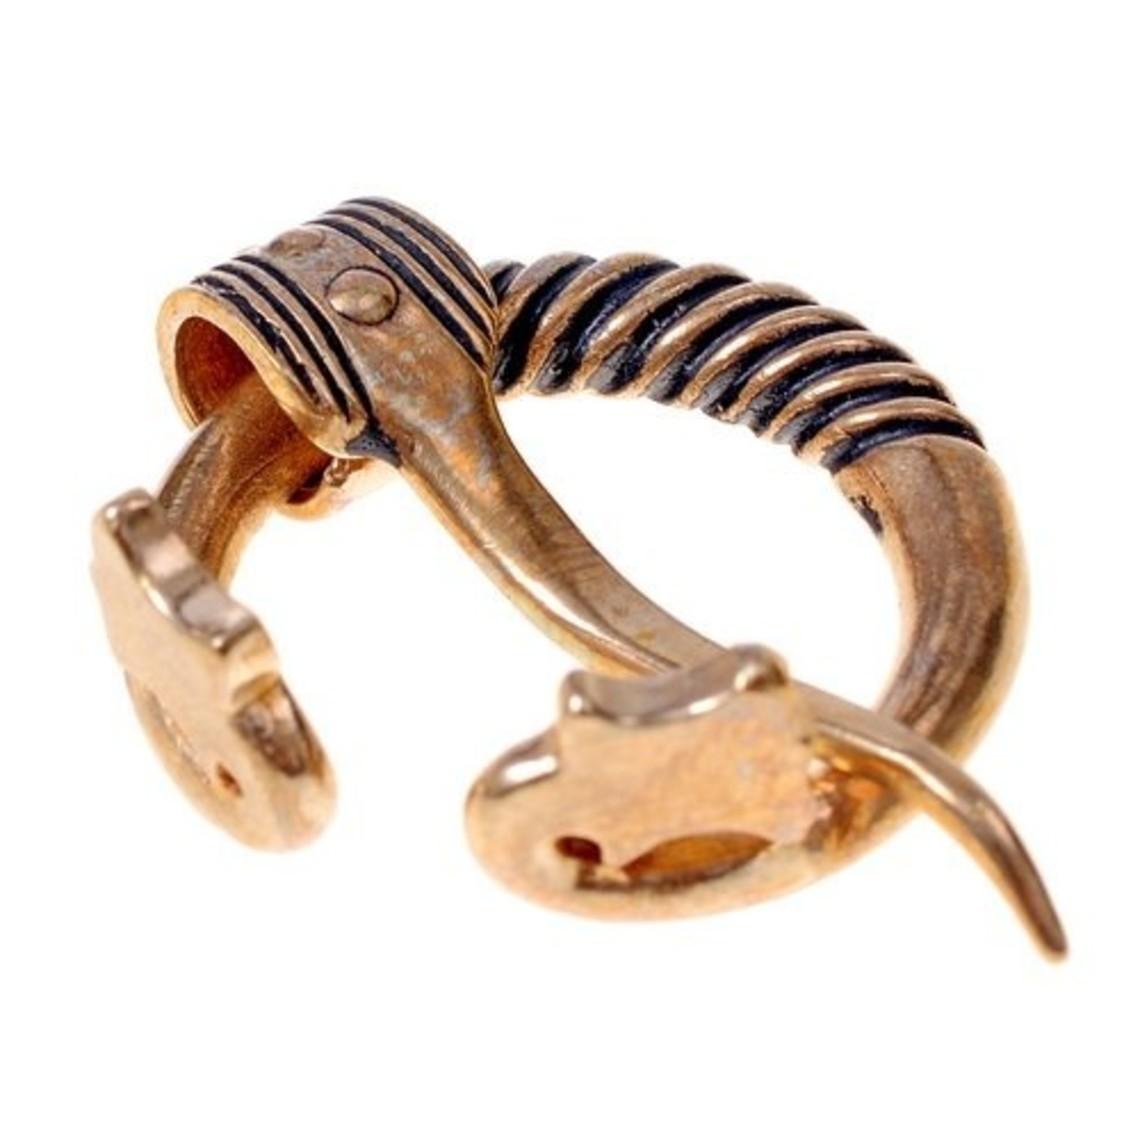 peroné anillo Báltico con cabezas de animales, argentado